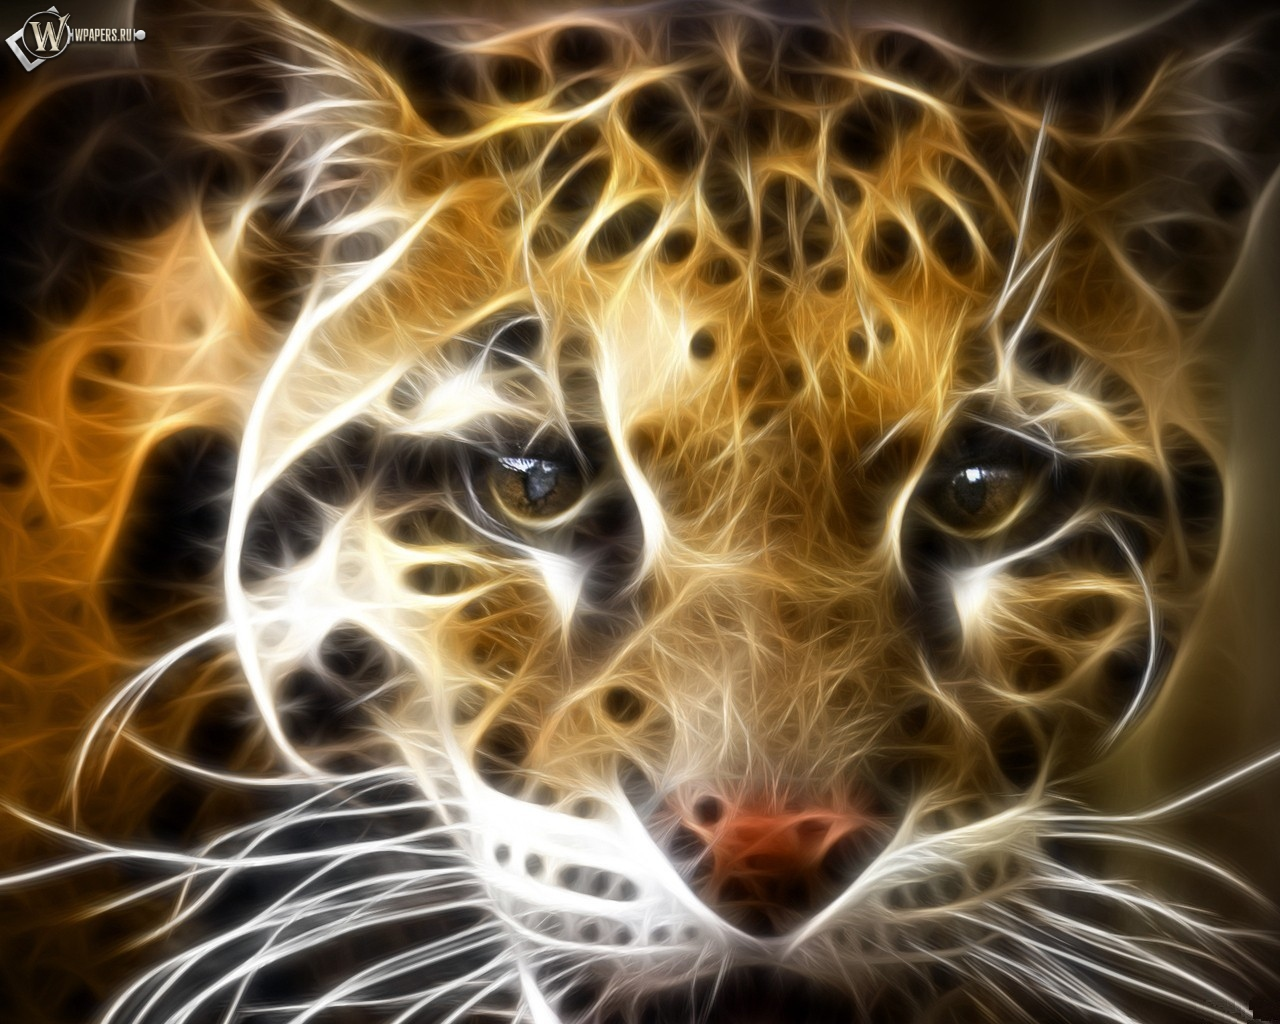 Рисованый тигр 1280x1024